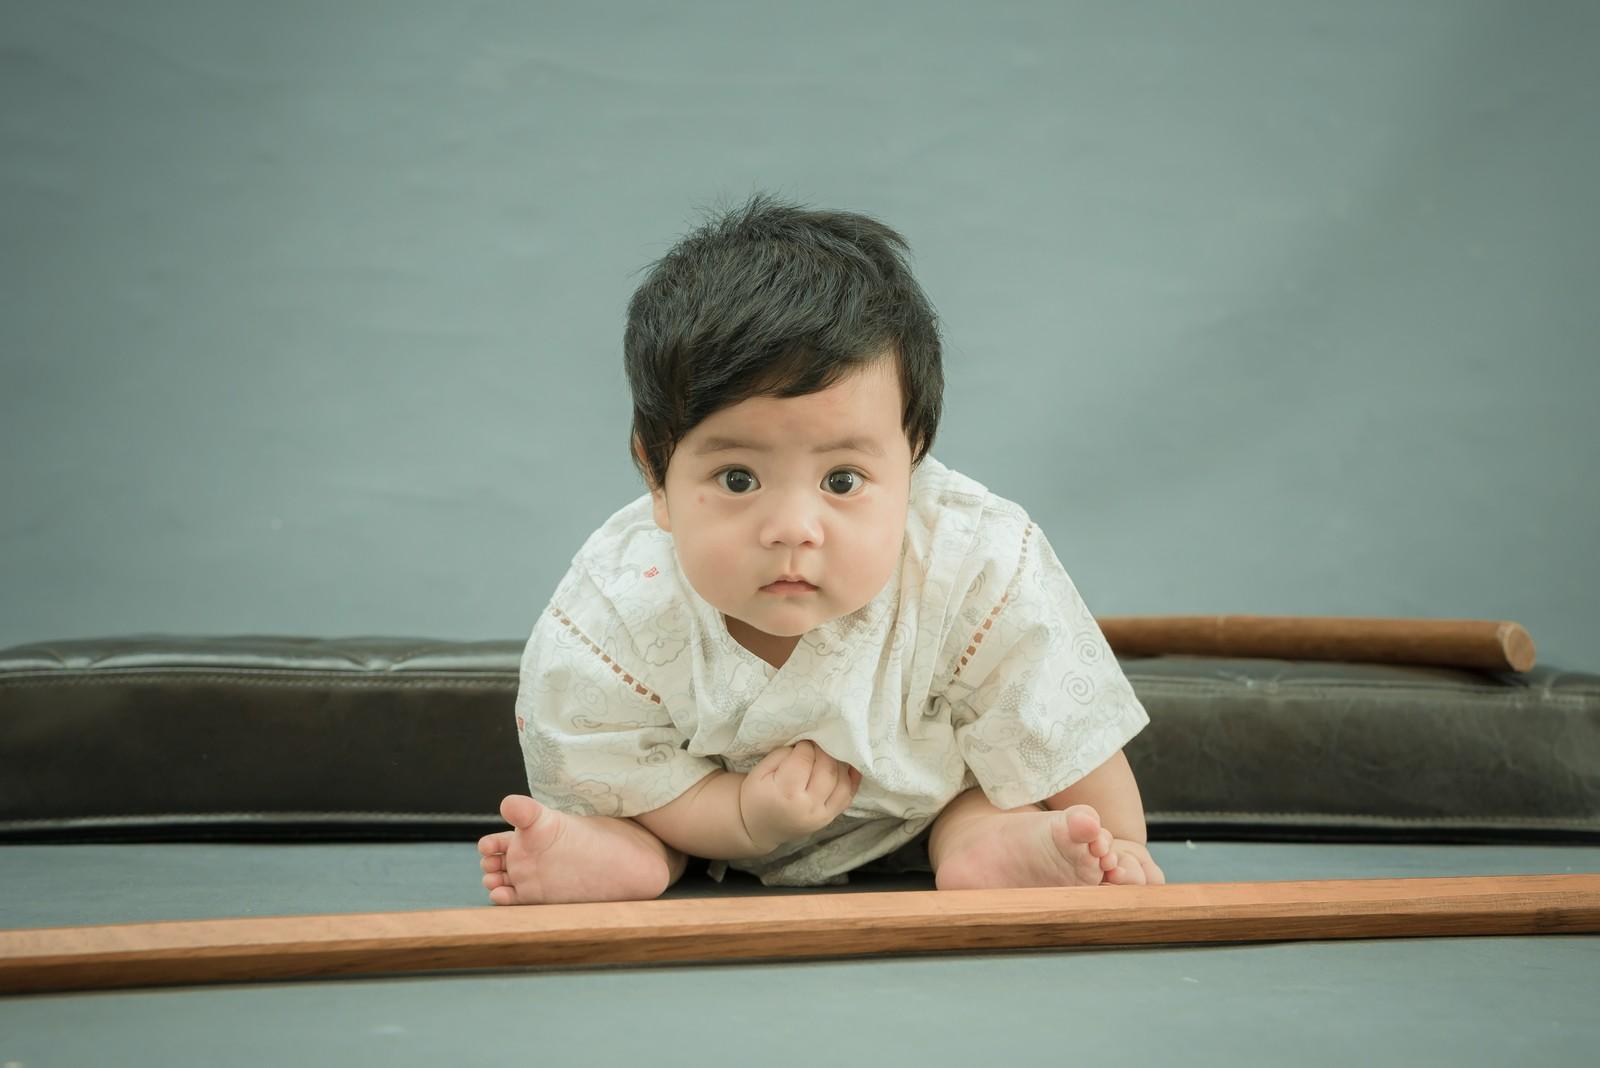 寶寶照,寶寶寫真,兒童攝影,兒童寫真,寶寶攝影